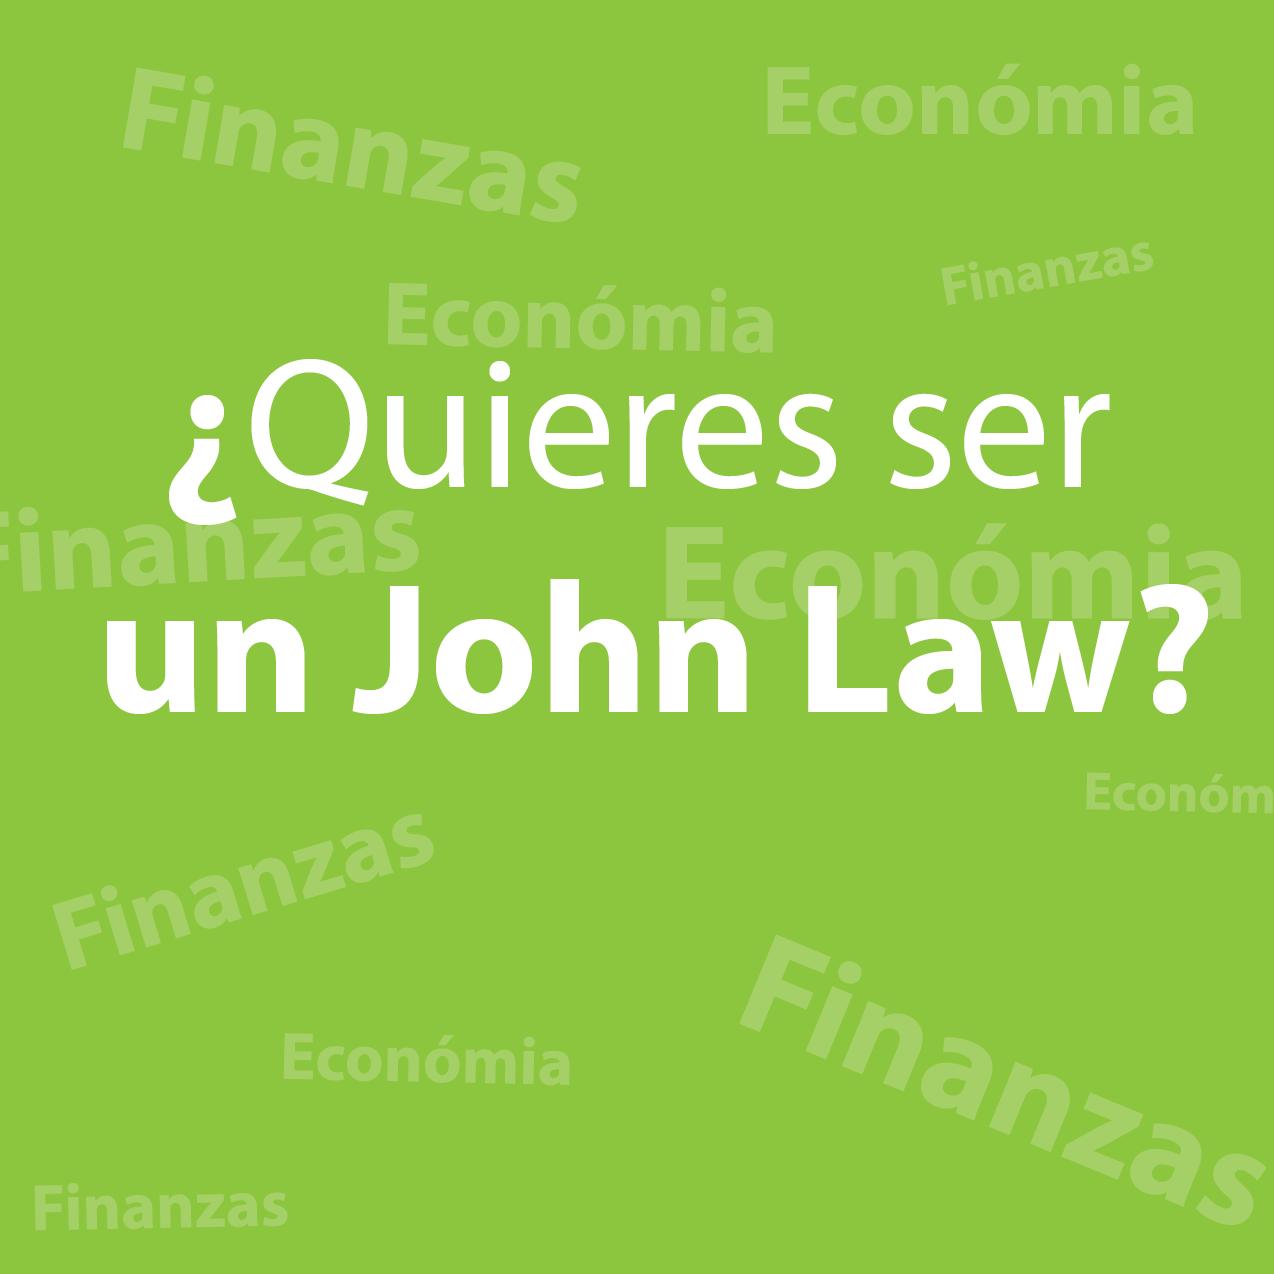 ¿Estudiar Economía o Finanzas? ¡Conviértete en un John Law! - Featured Image